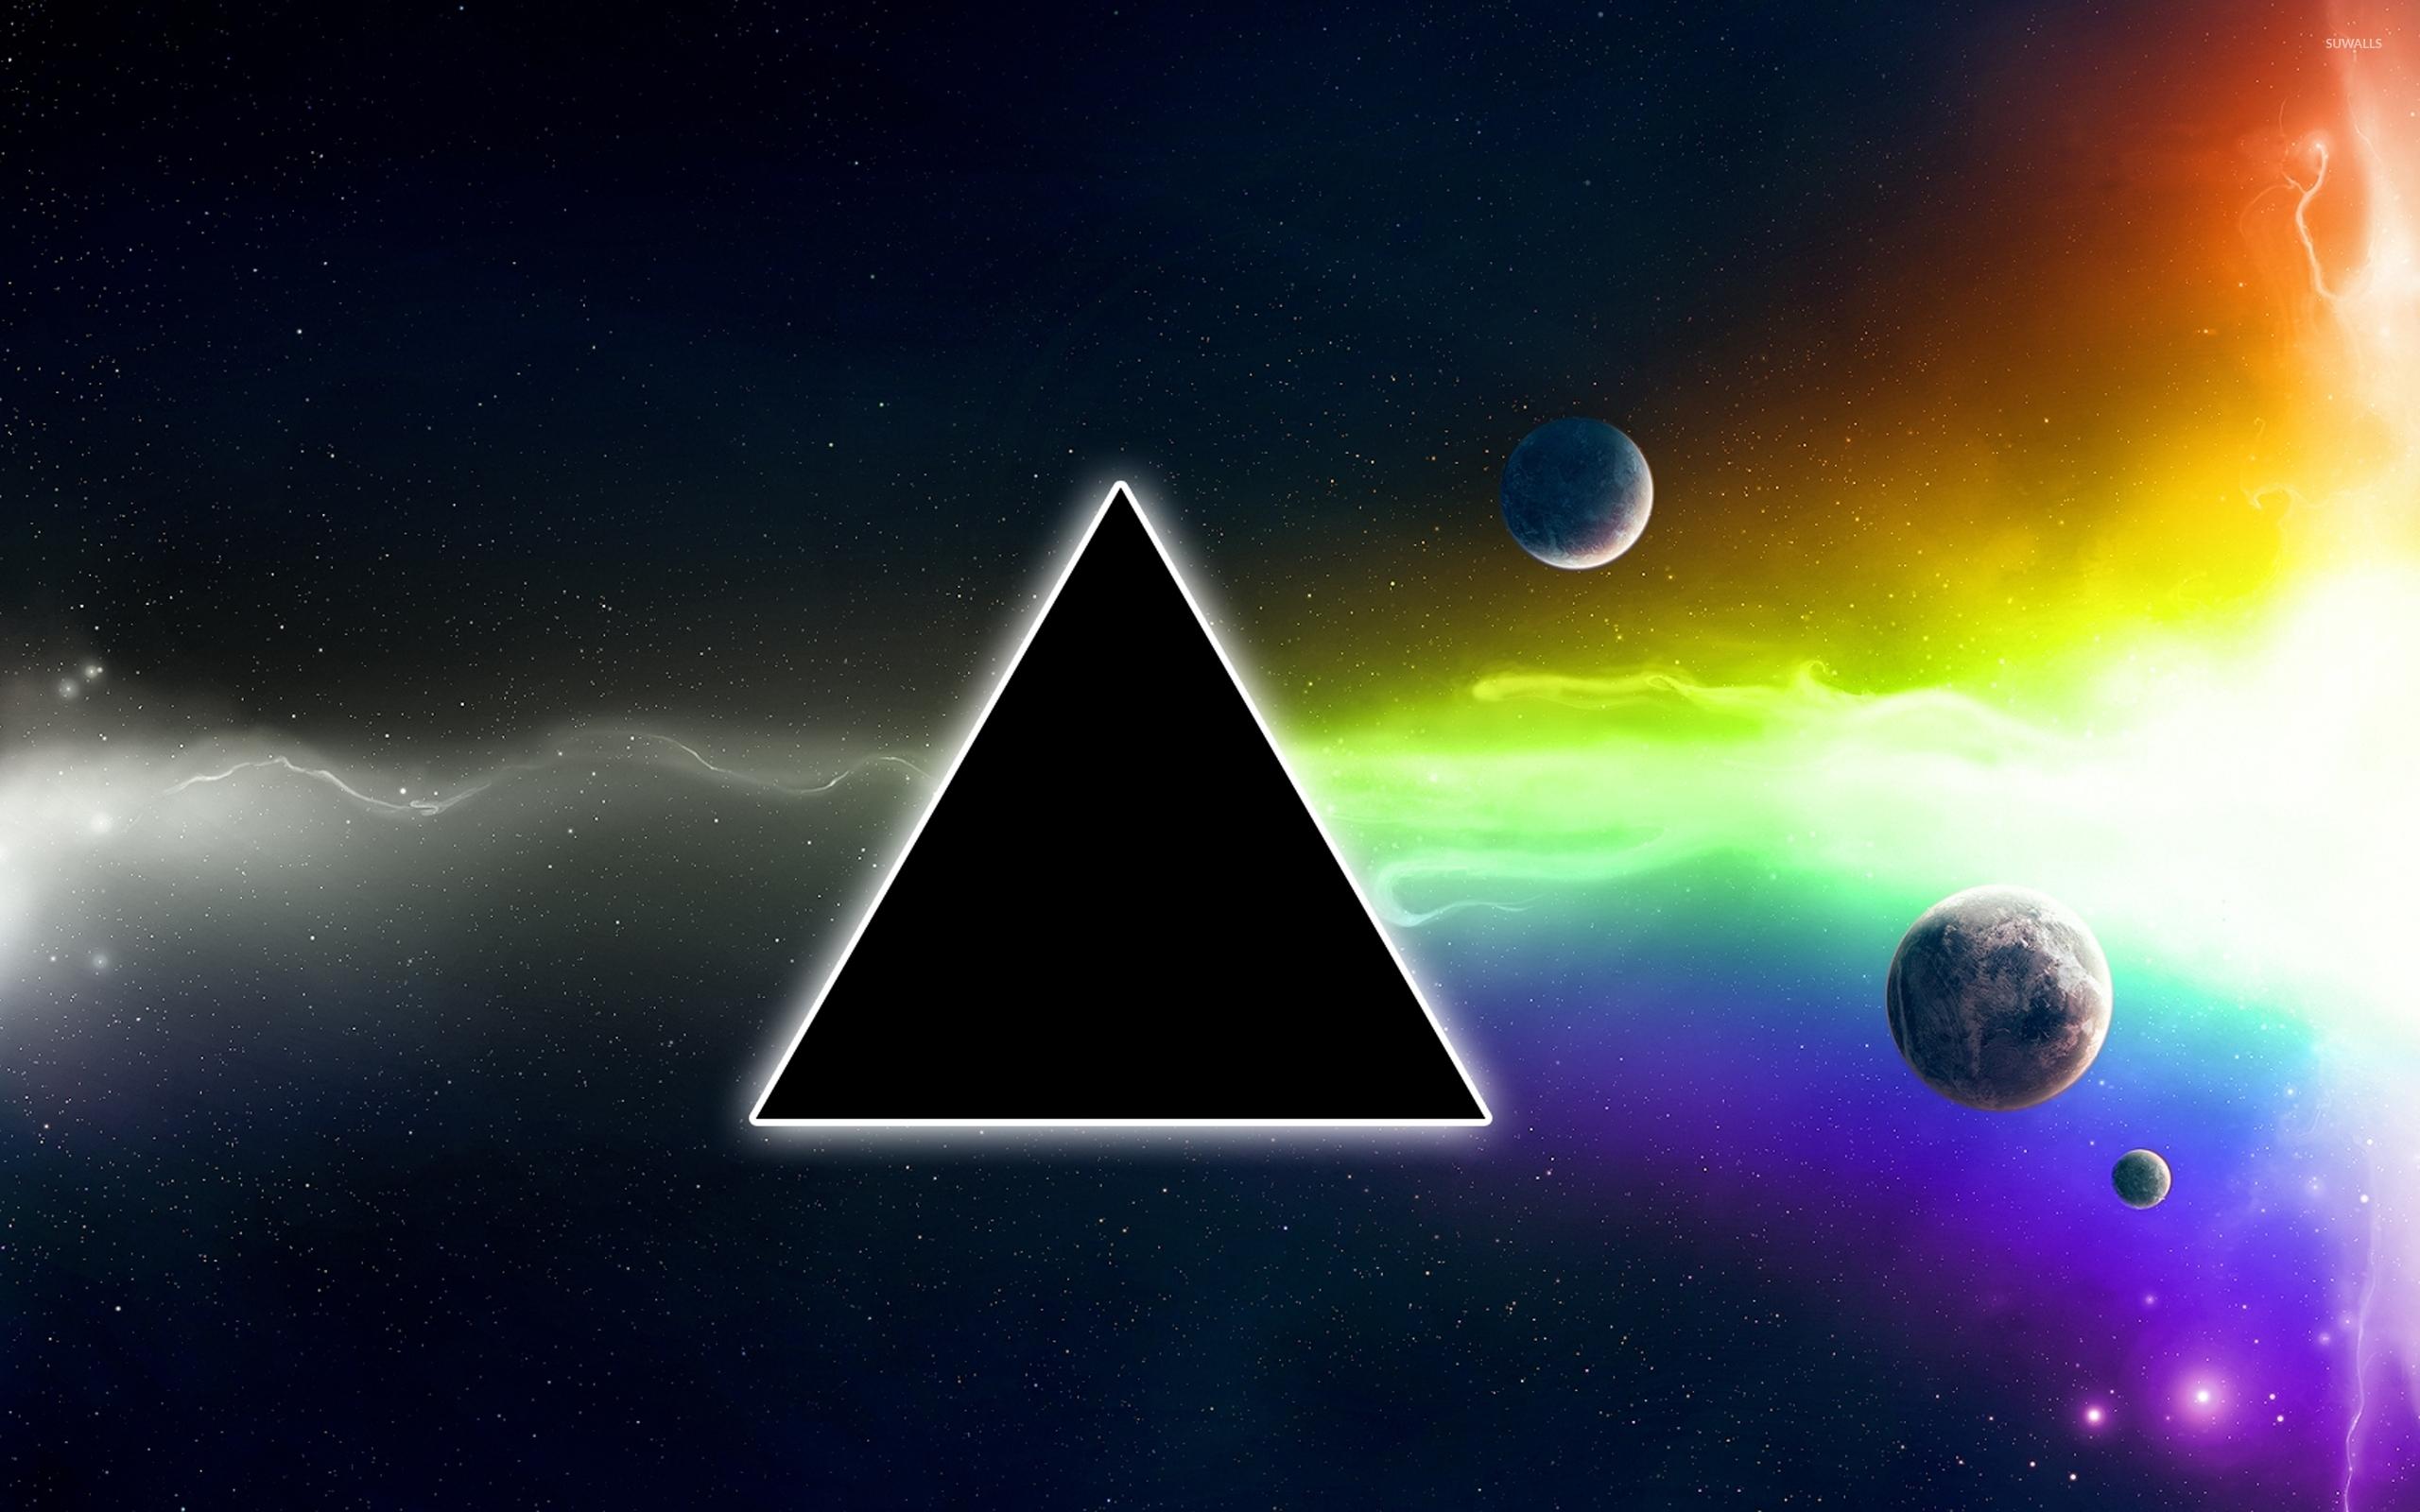 Black Square In The Galaxy Wallpaper